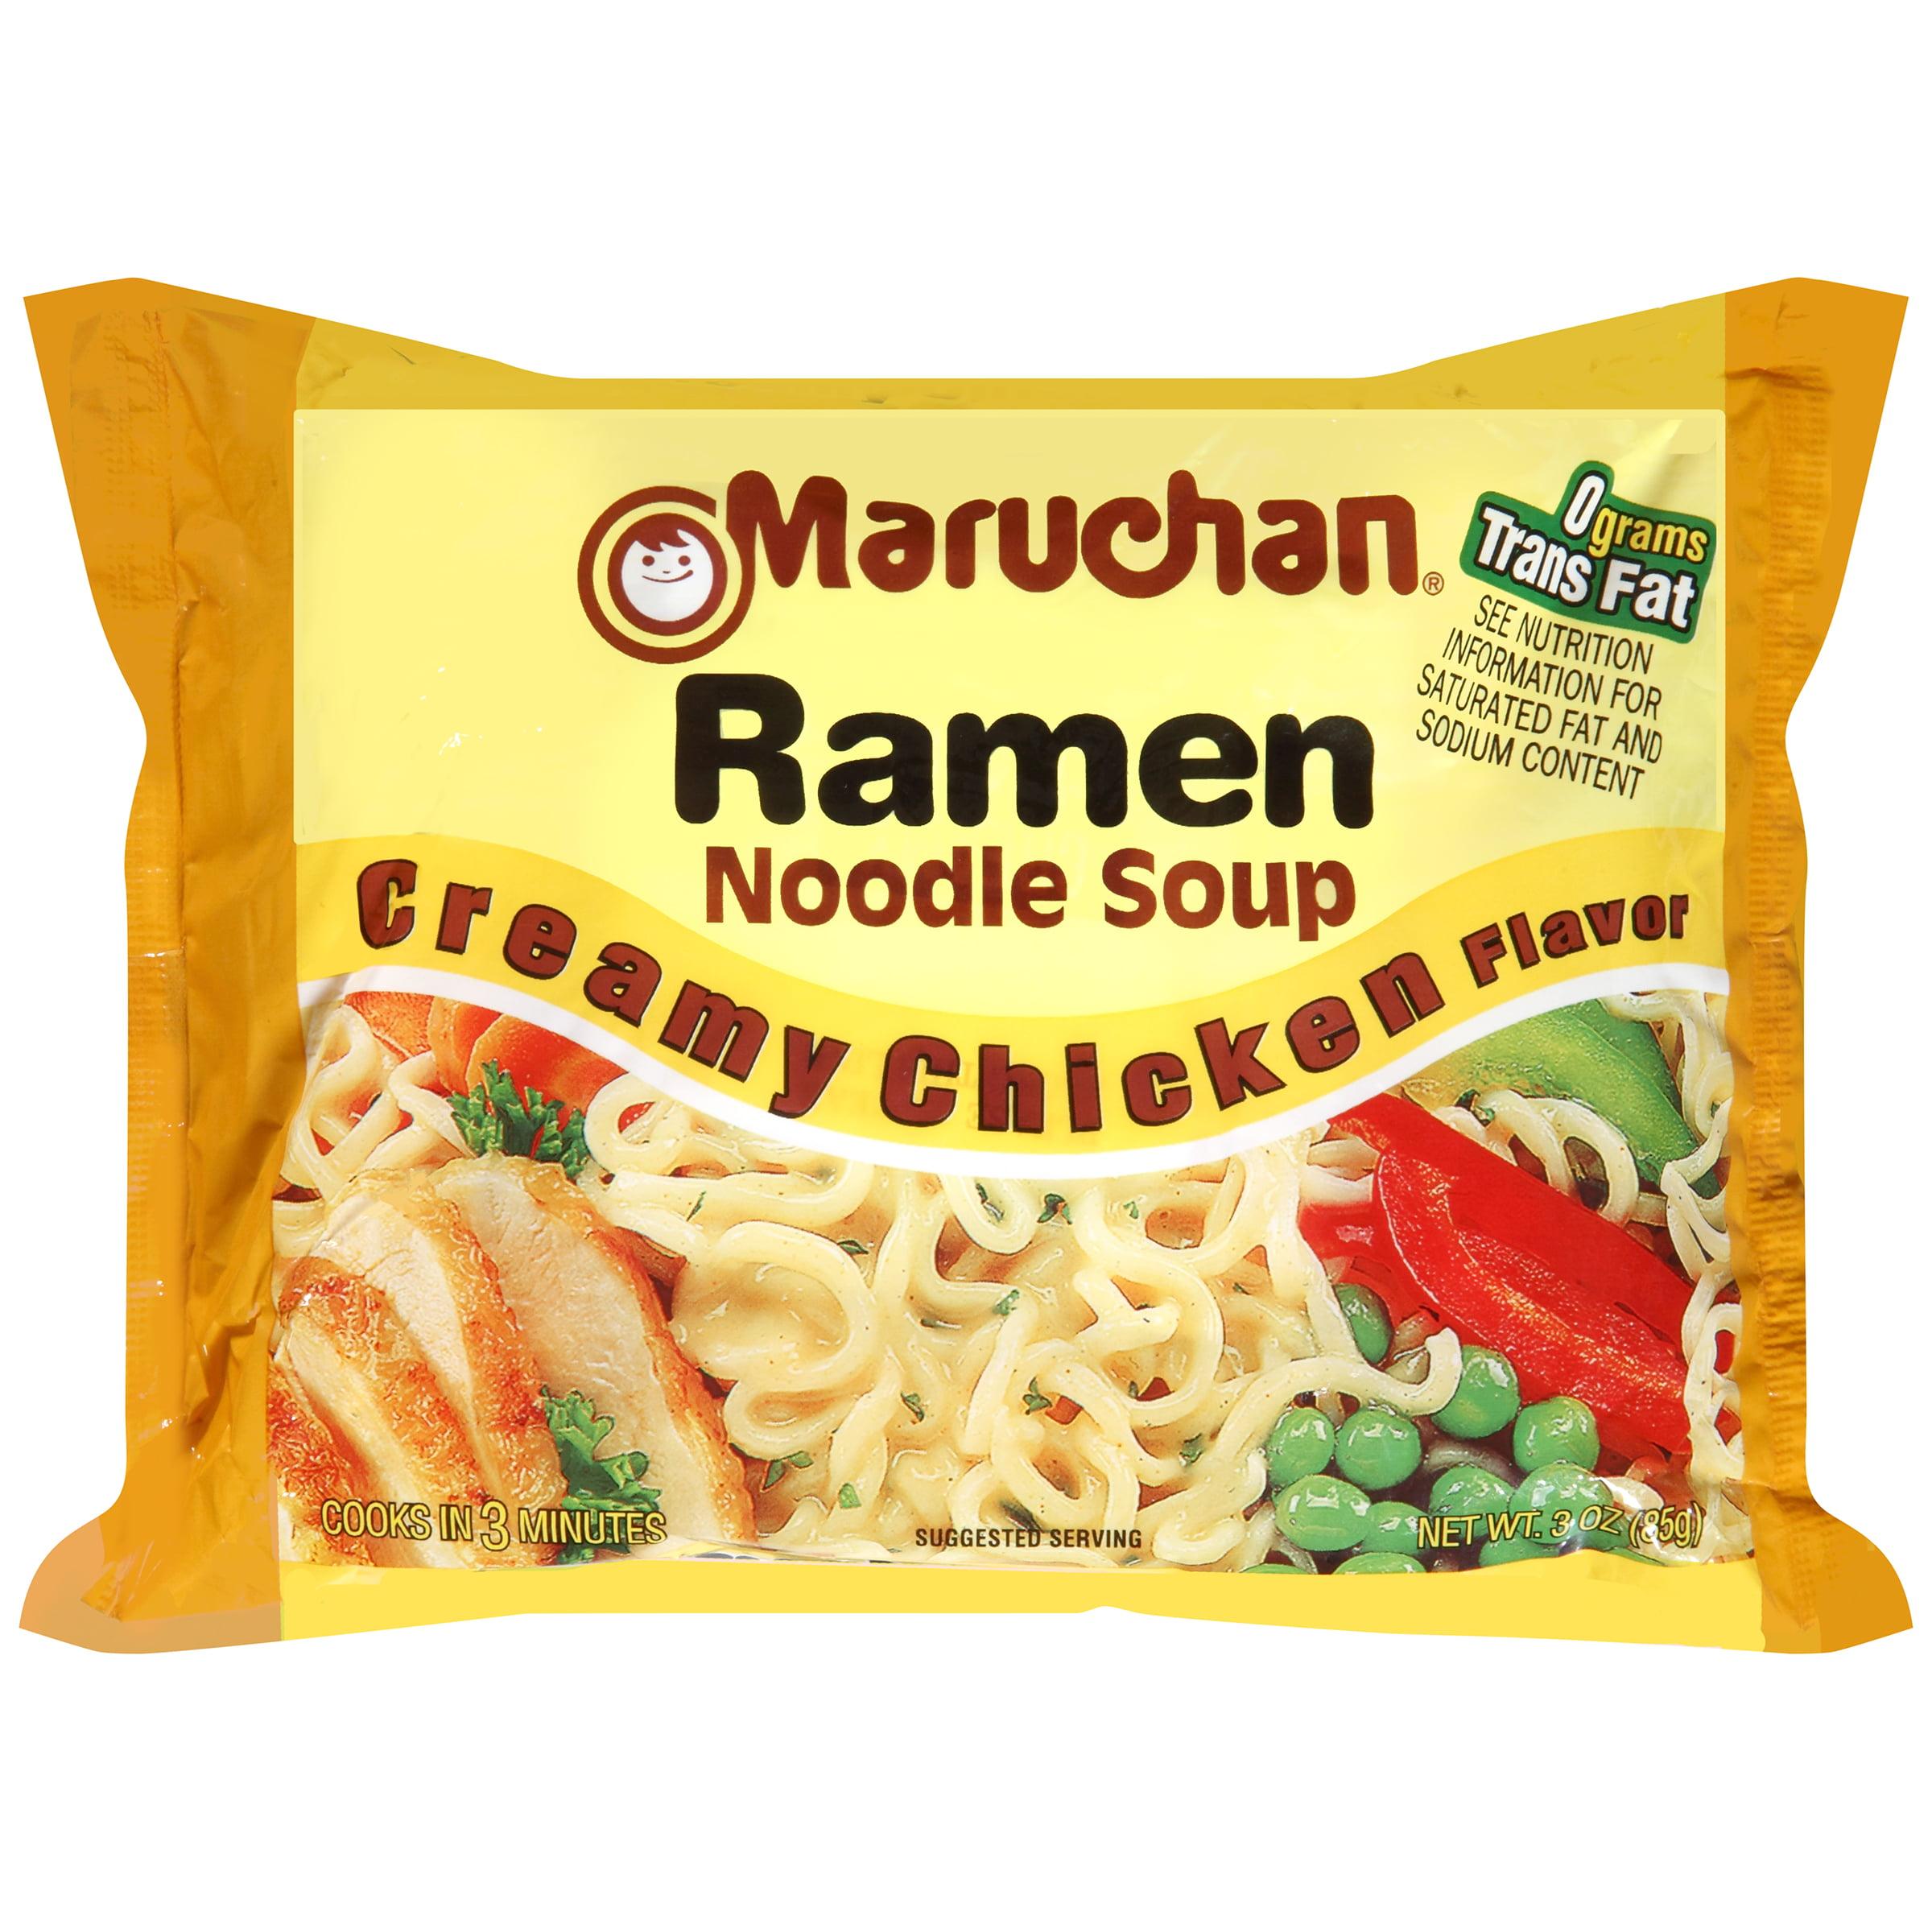 Maruchan® Creamy Chicken Flavor Ramen Noodle Soup 3 oz. Bag